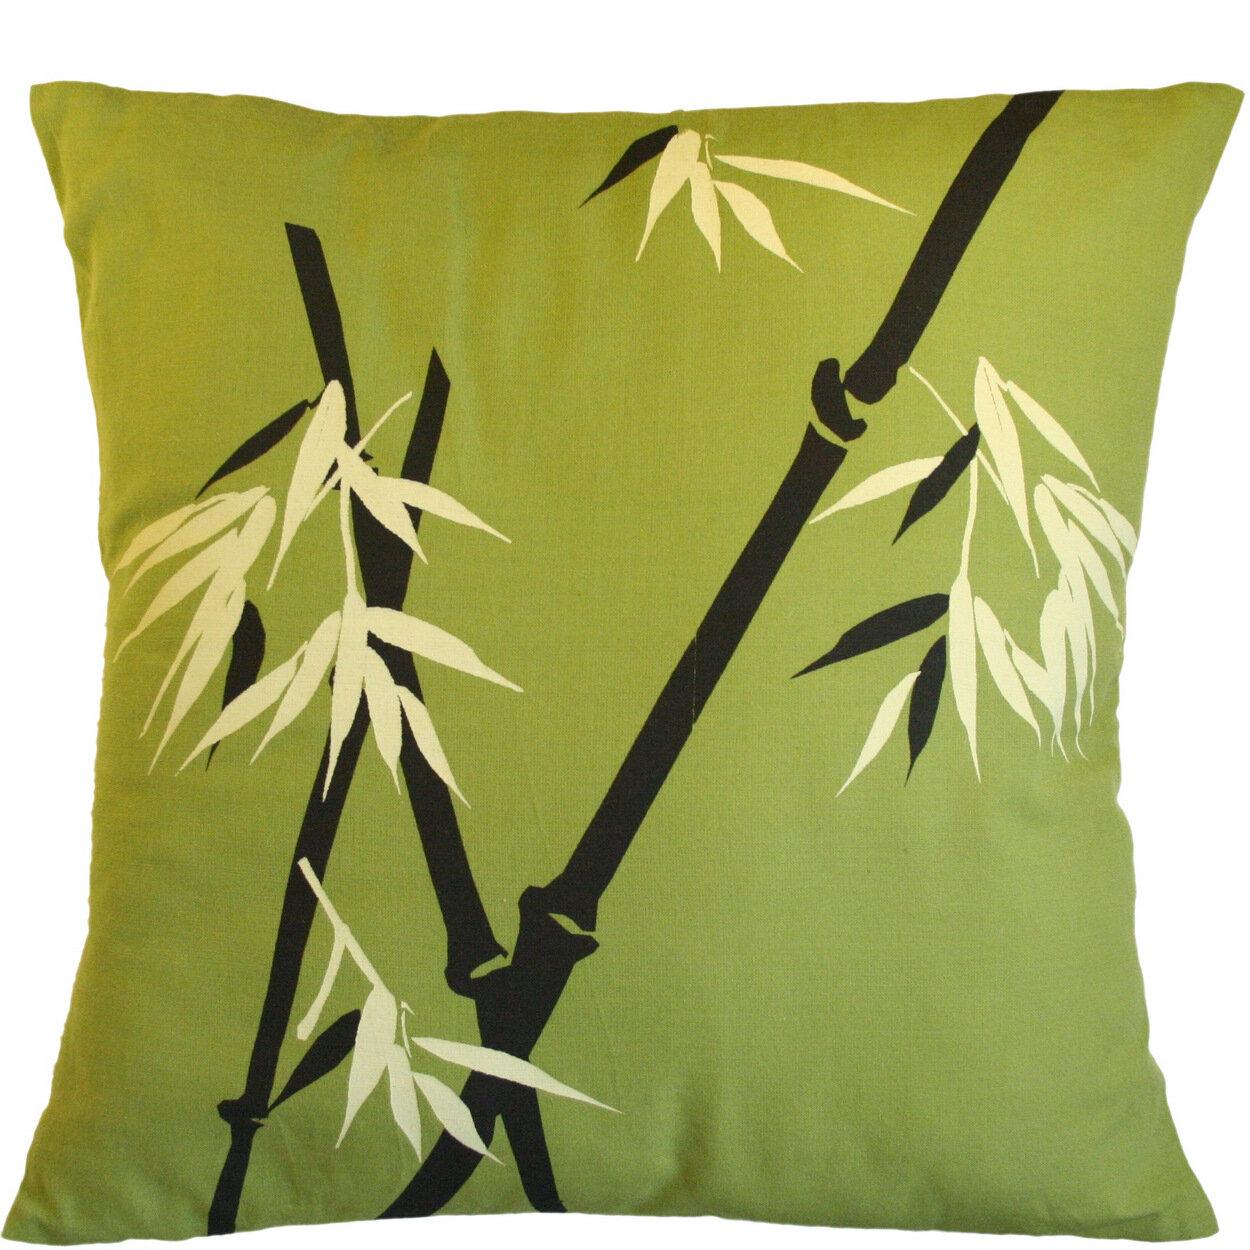 Sustainable Threads Wild Bamboo On Moss Cotton Throw Pillow Wayfair